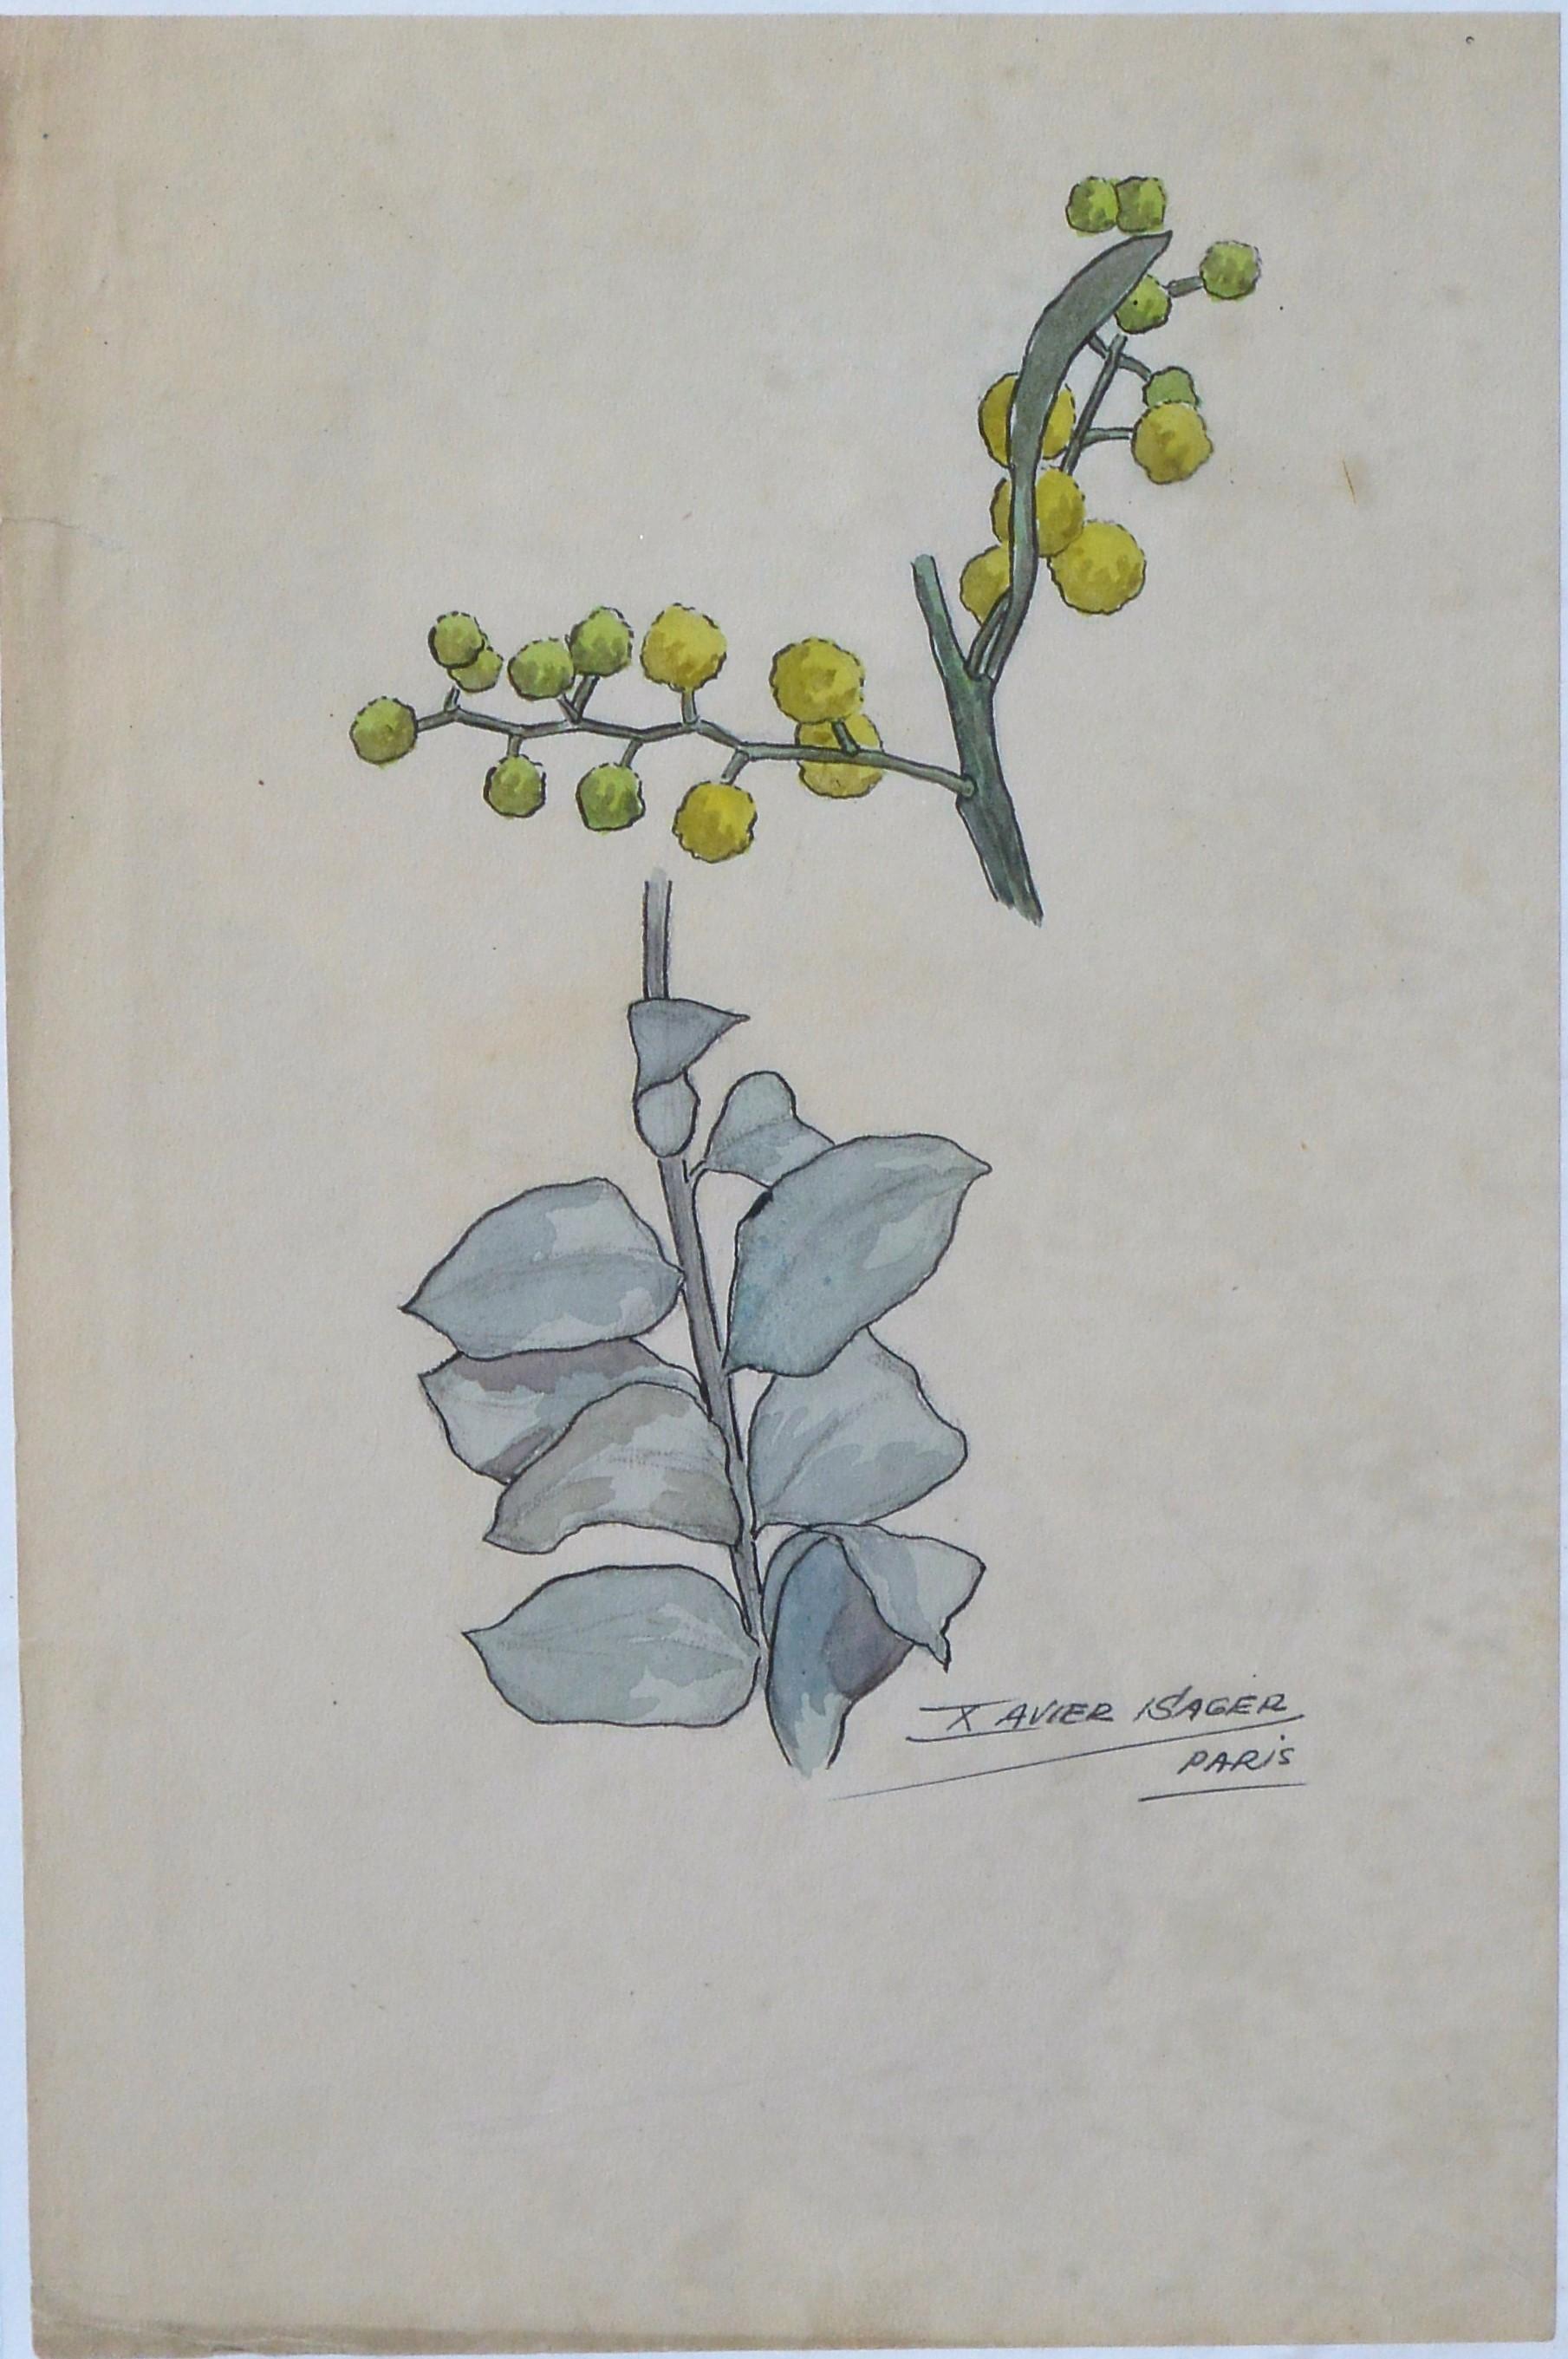 Xavier Sager  Estudio de plantas dibujo lpiz y acuarela papel